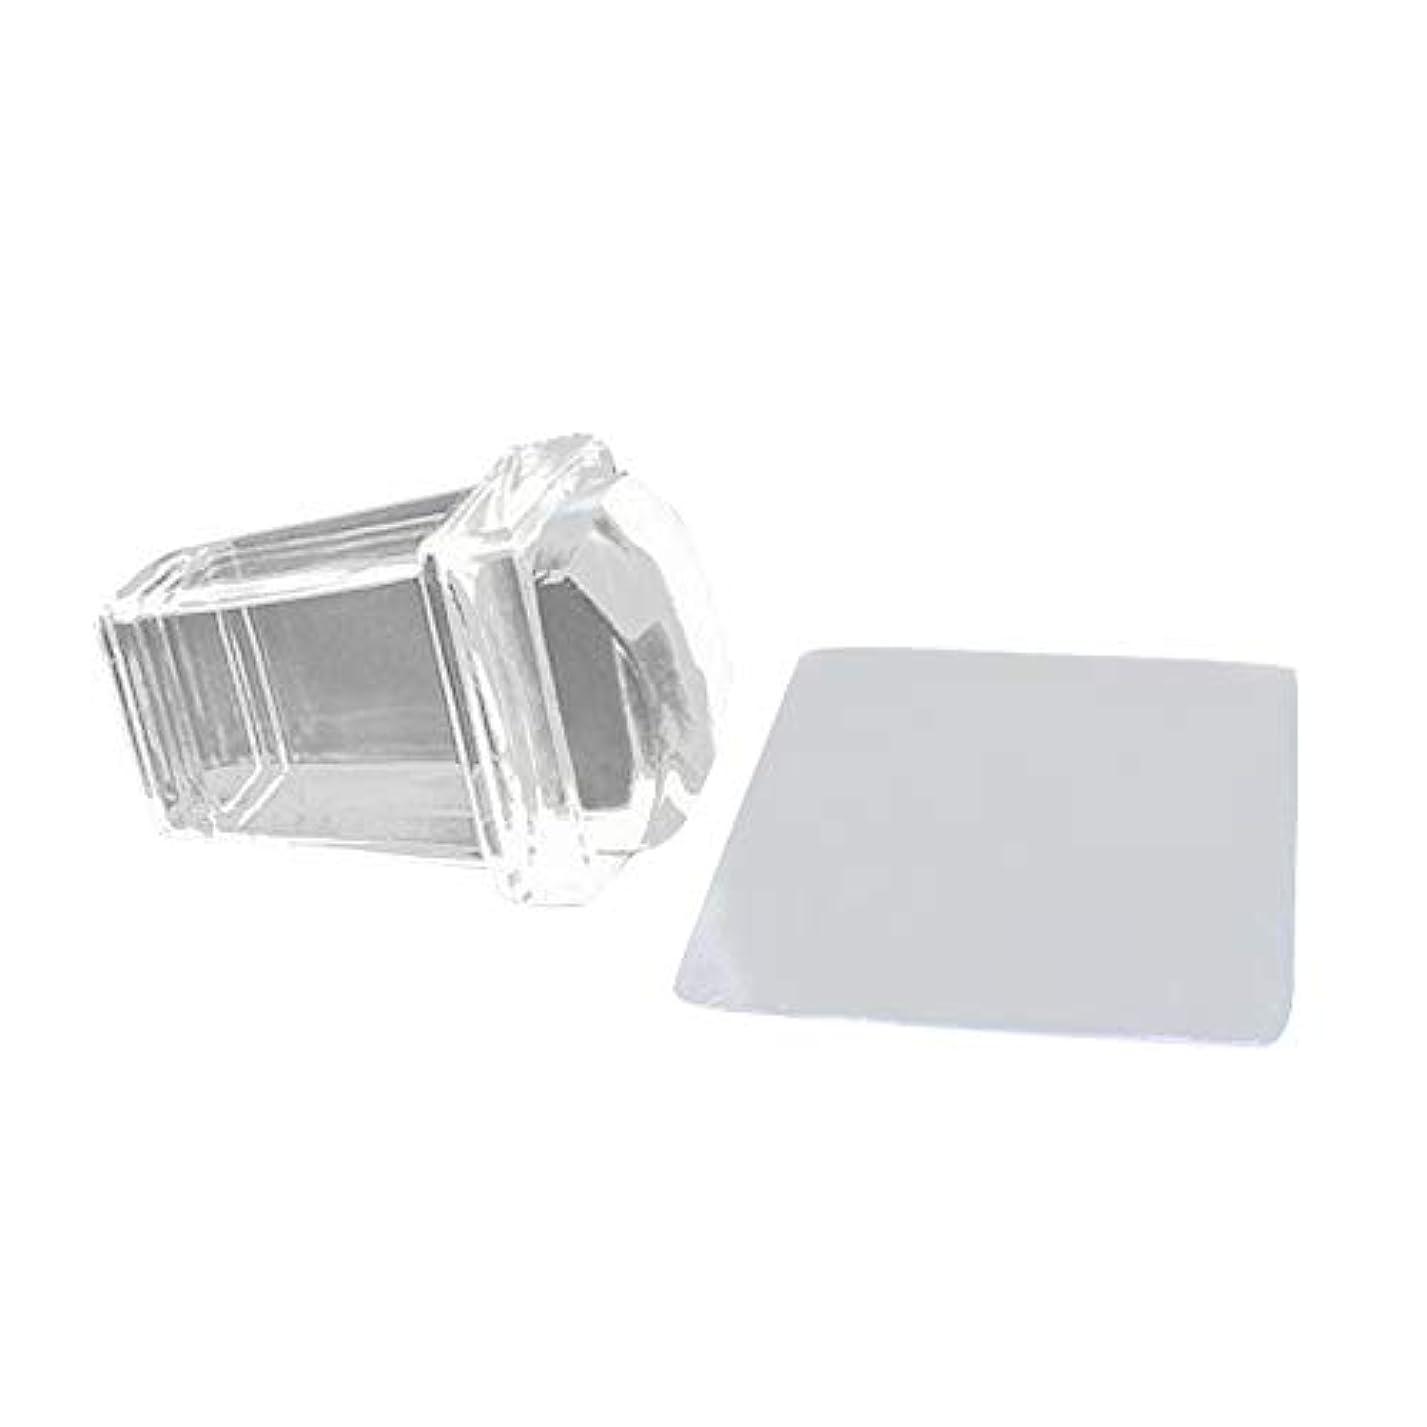 試用当社送信するNrpfell 新しい純粋で透明なゼリーシリコンのネイルアートスタンパーとスクレーパーのセット、透明ポリッシュ印刷ネイルのスタンピングツール、ネイルのツール、マニキュア